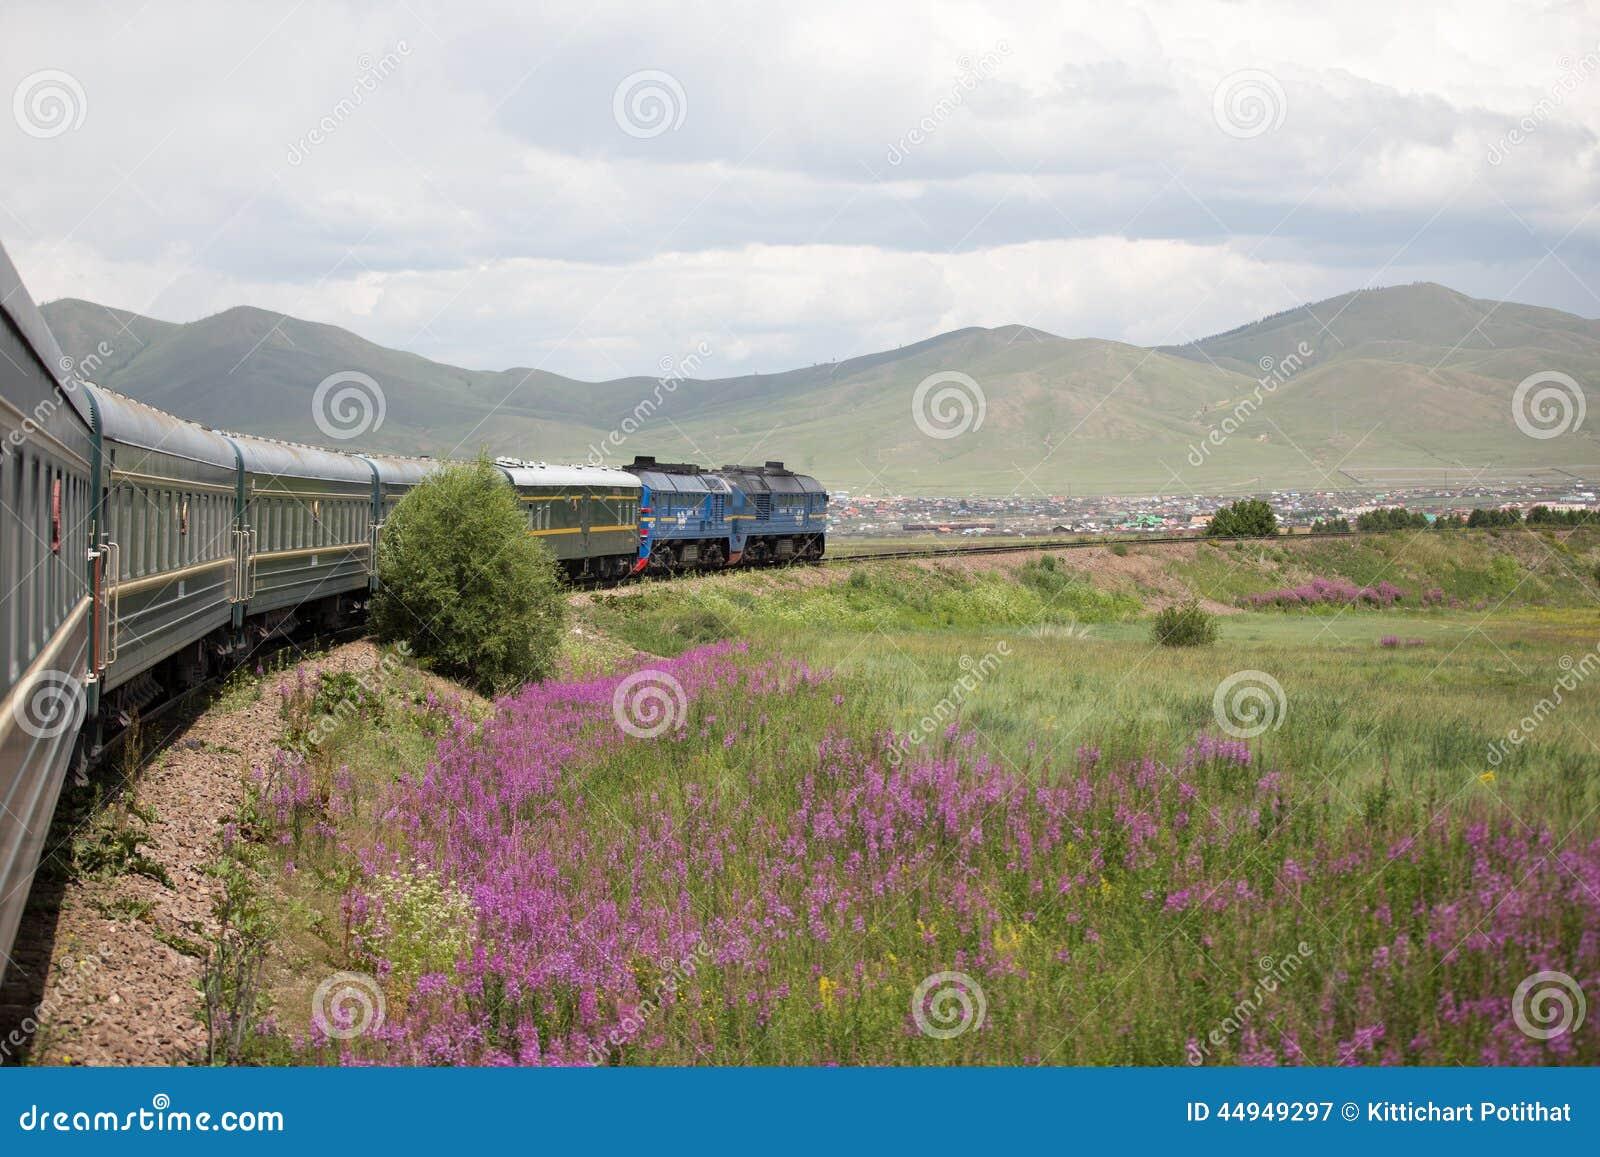 Voyage exotique de train mongol de transport, Mongolie